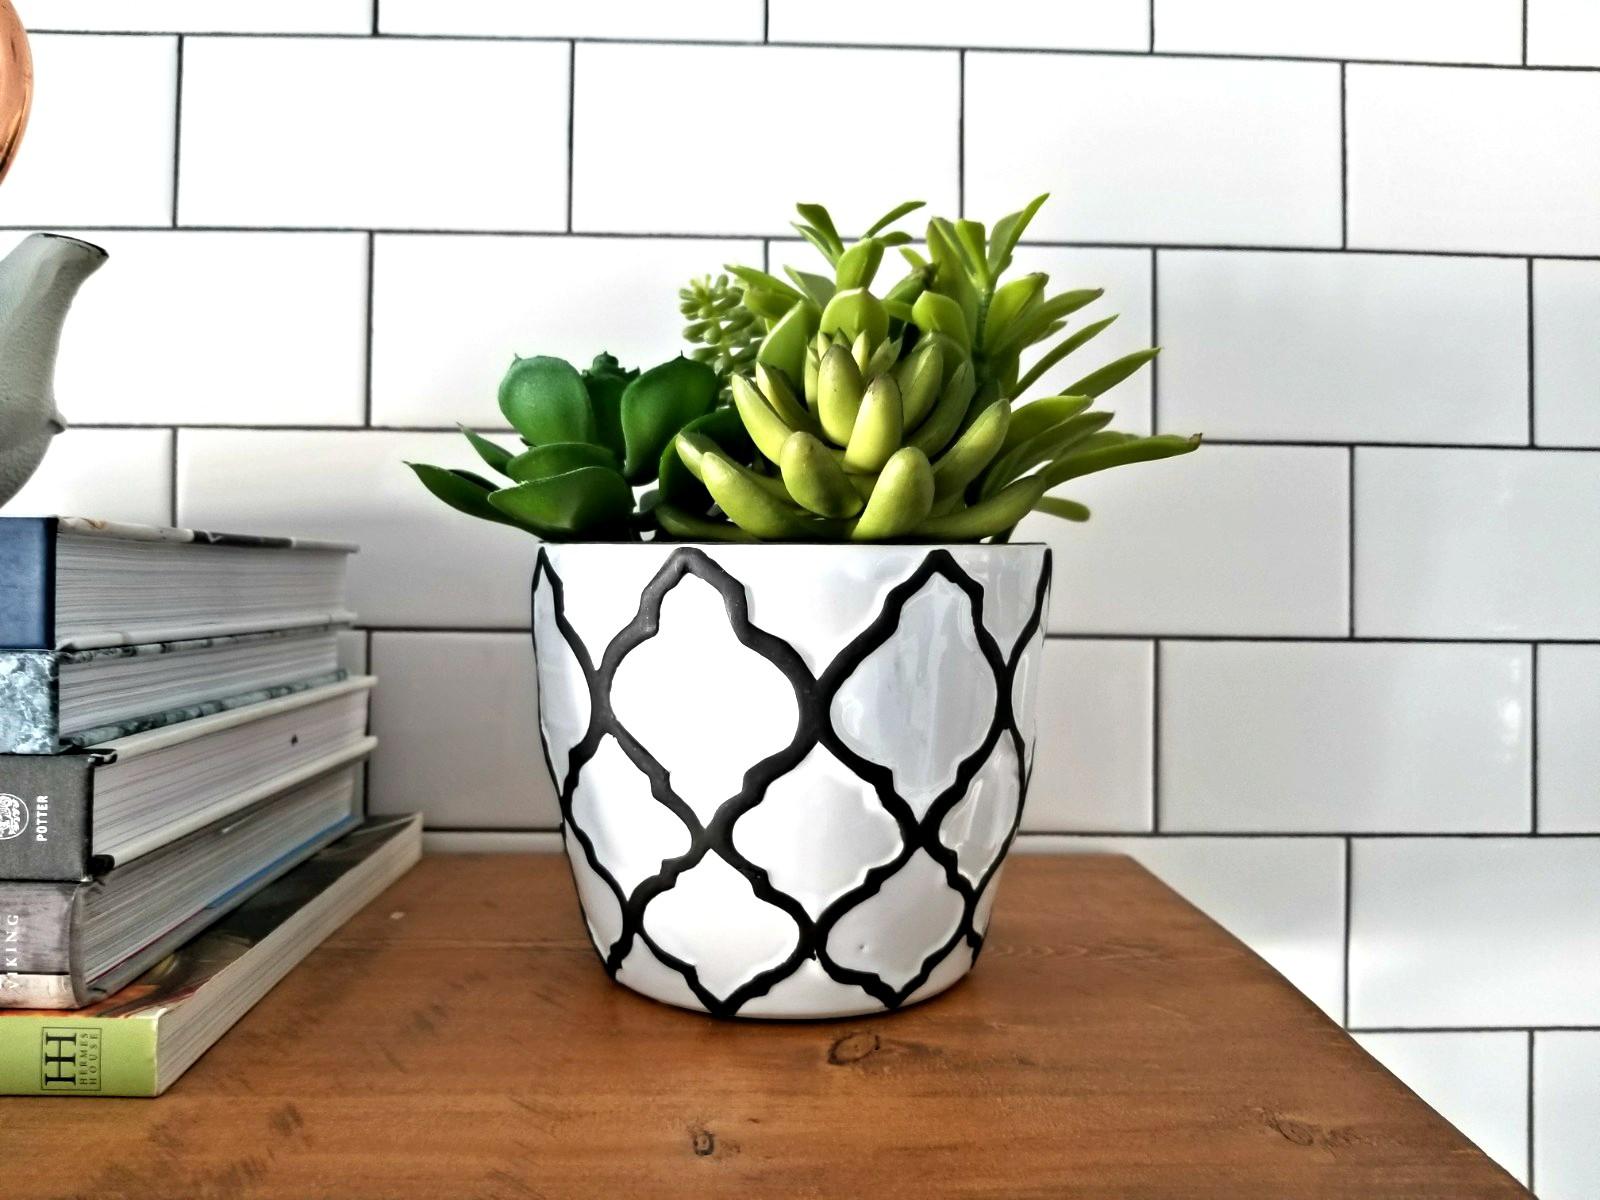 Fake succulent plant